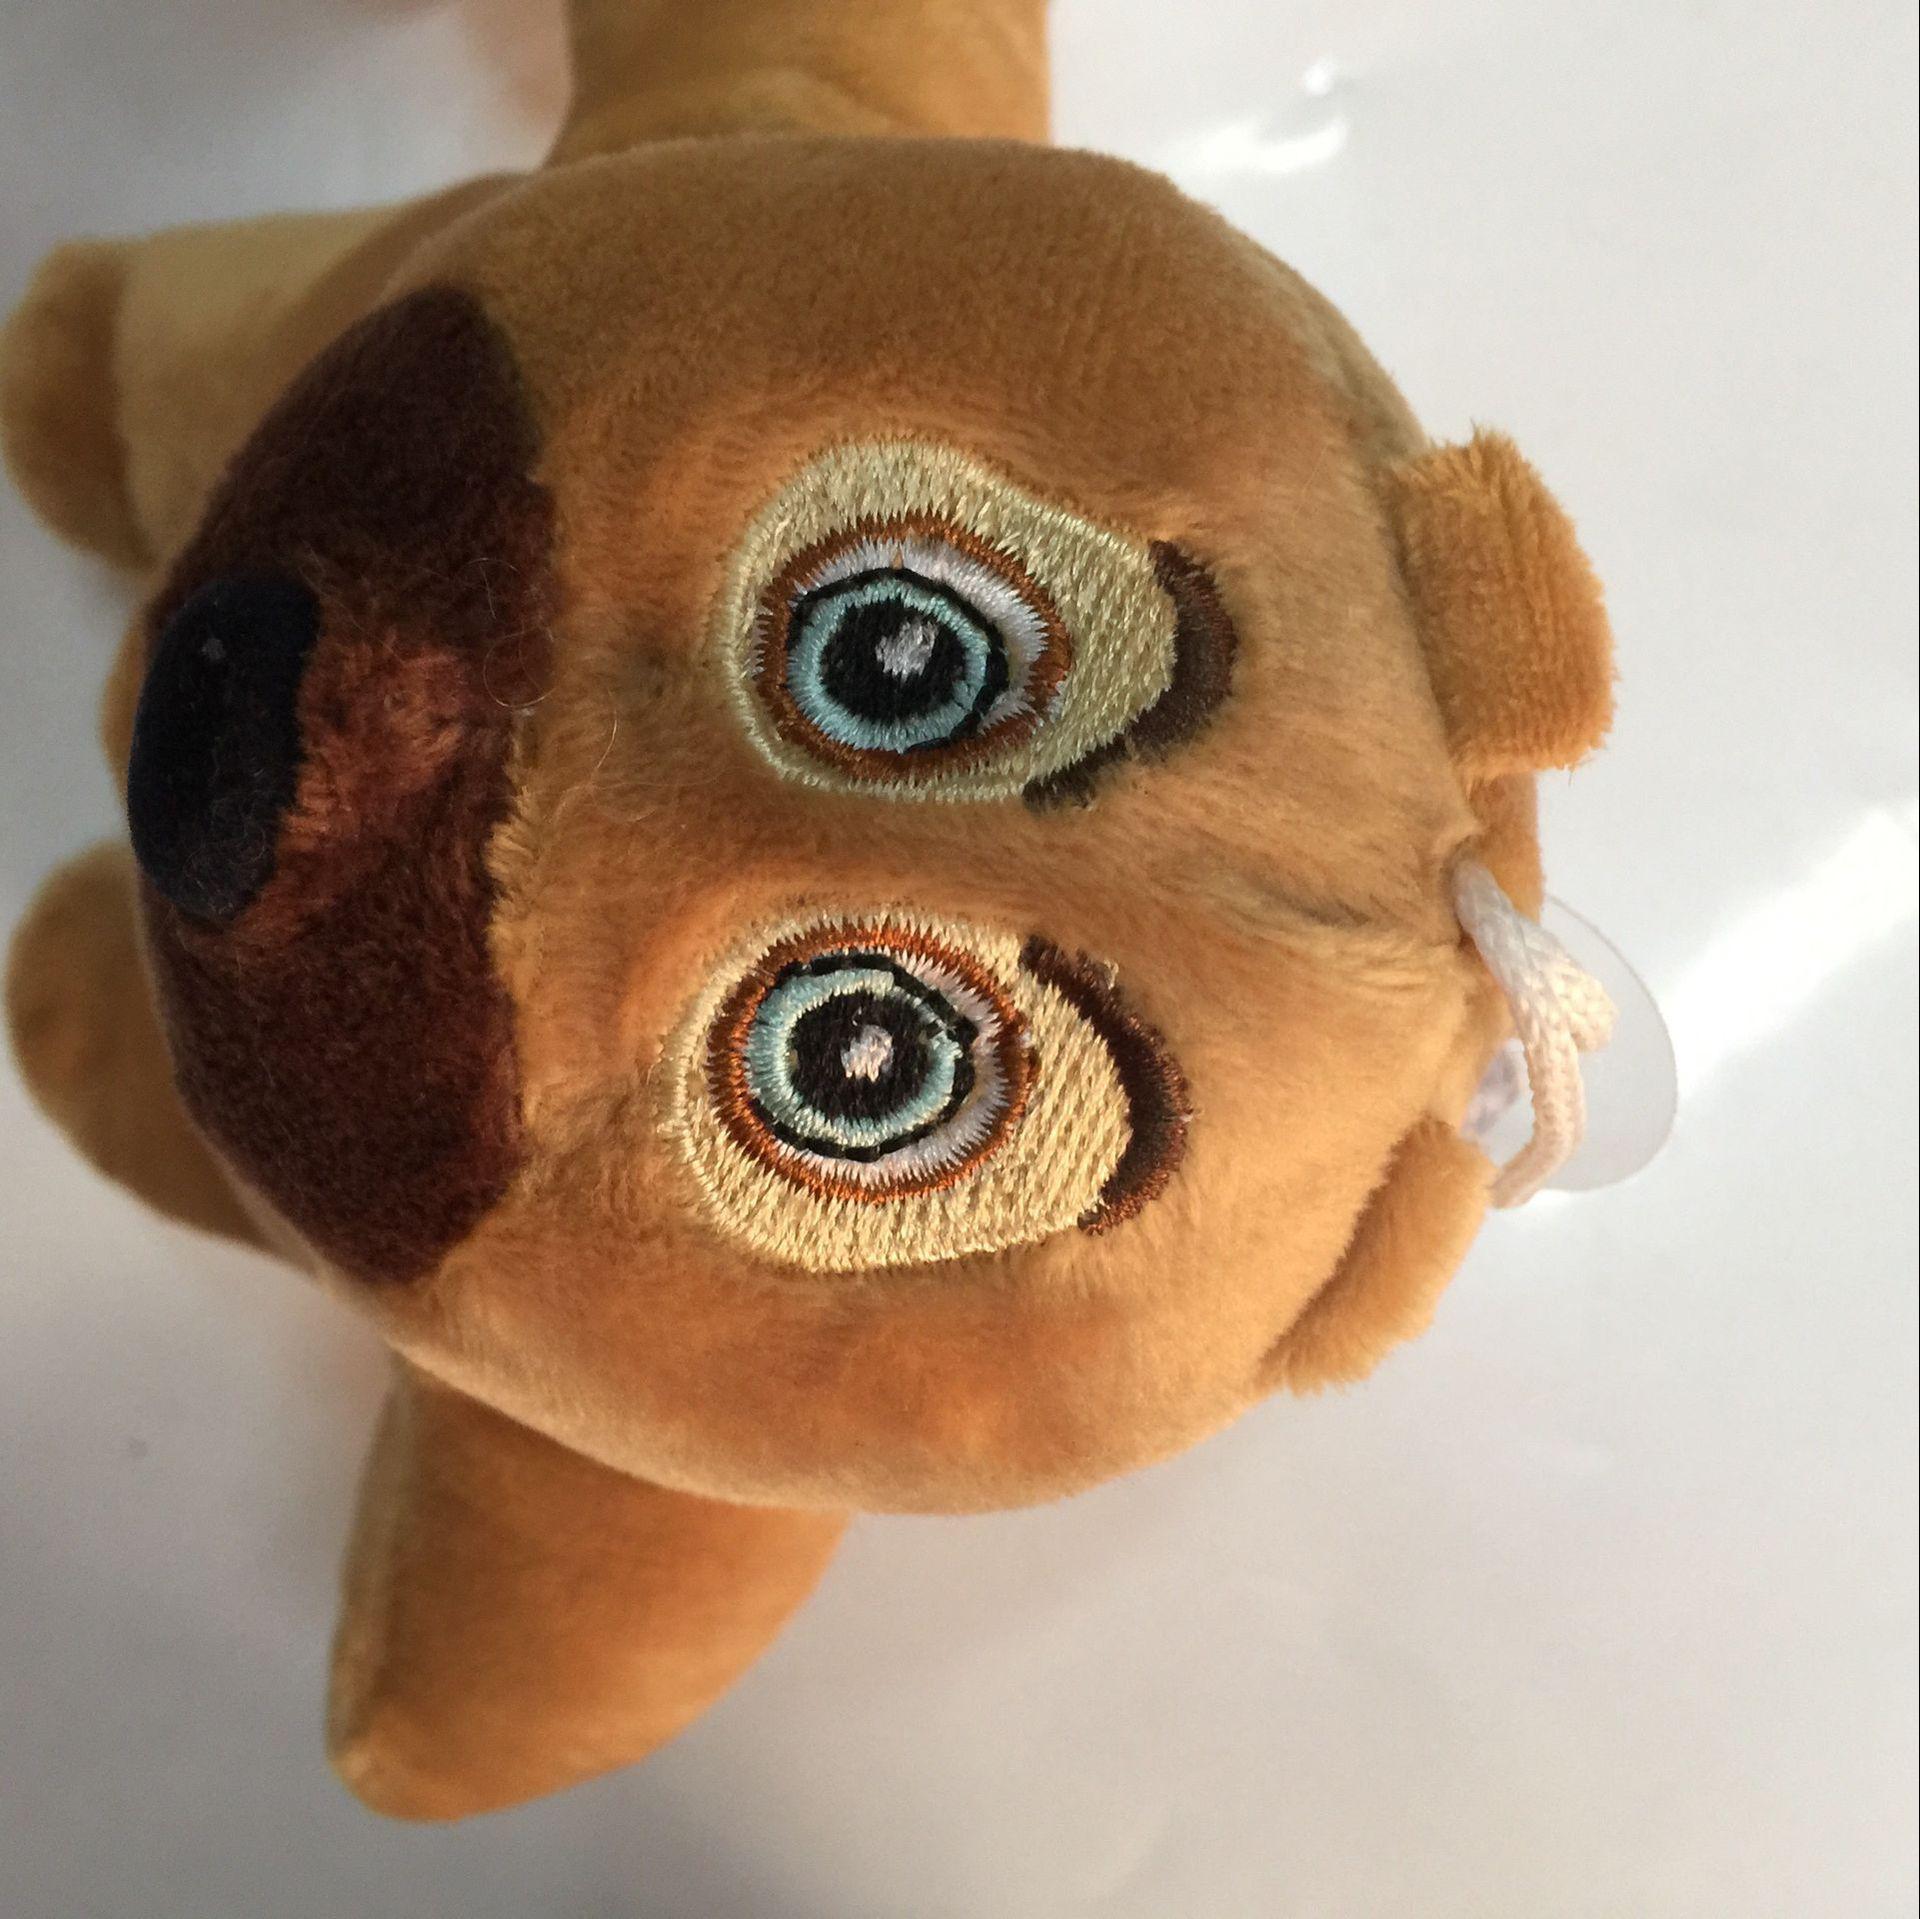 熊孩子表情包 布朗熊简笔画 搜美网 表情